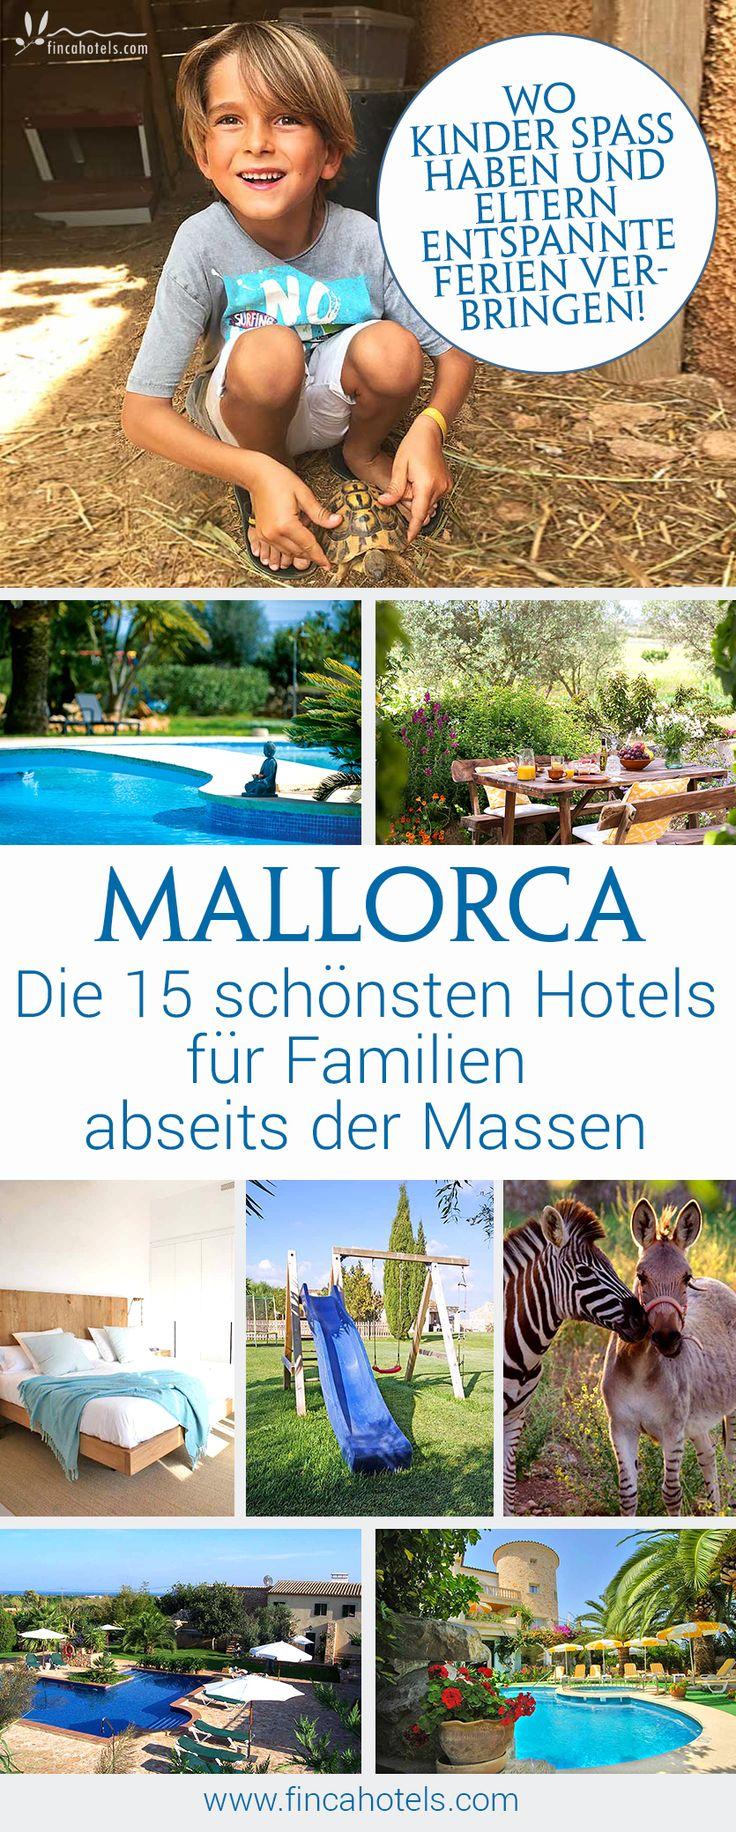 Du suchst noch nach dem idealen Hotel für deinen nächsten Urlaub mit der ganzen Familie auf Mallorca? Wir haben dir die schönsten Familienhotels abseits der Massen zusammen gestellt – egal, ob du Urlaub auf dem Bauernhof, am Strand oder im Inselinneren mit Kind verbringen möchtest, hier findest du die TOP-Empfehlungen #urlaub #mallorca #hotel #urlaubmitkind #urlaubaufdembauernhof #bauernhofhotel #fincahotel #fincahotels – fincahotels | Finca- und Landhotels in Spanien & Italien